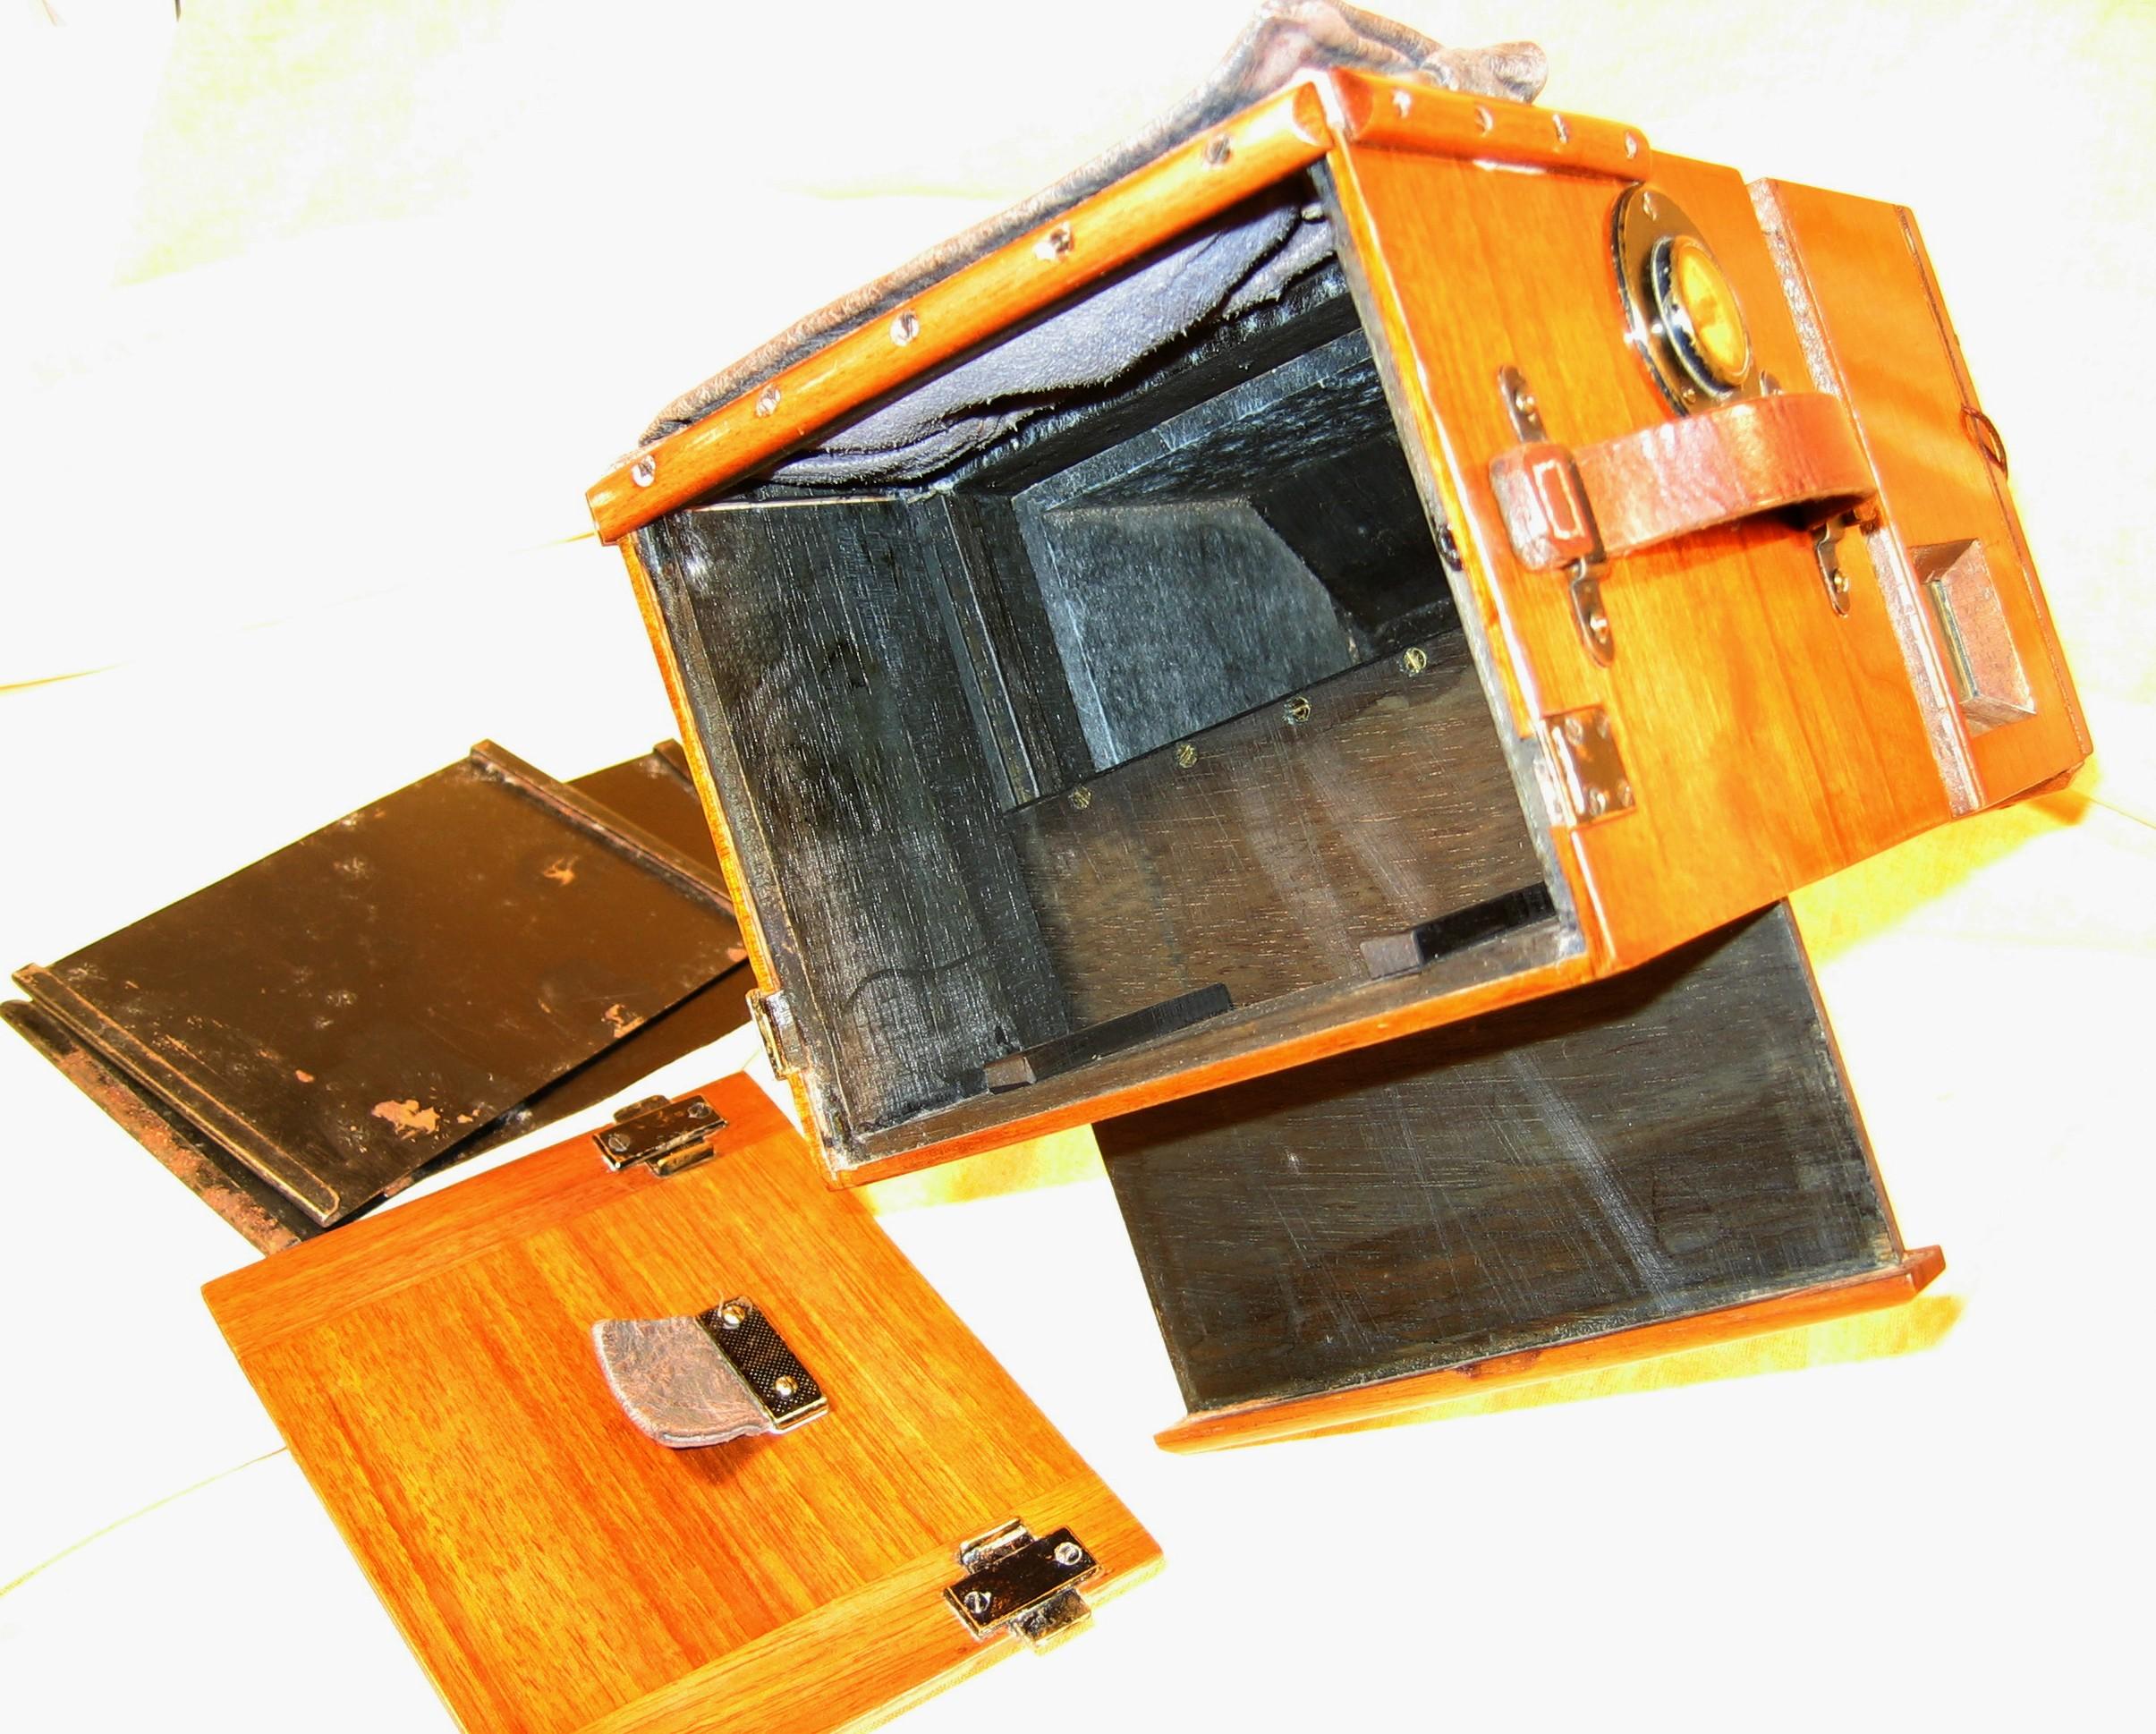 Wallpaper 0887-9 HUTTIG Detective camera 9X12 , collection AMI Appareils photos